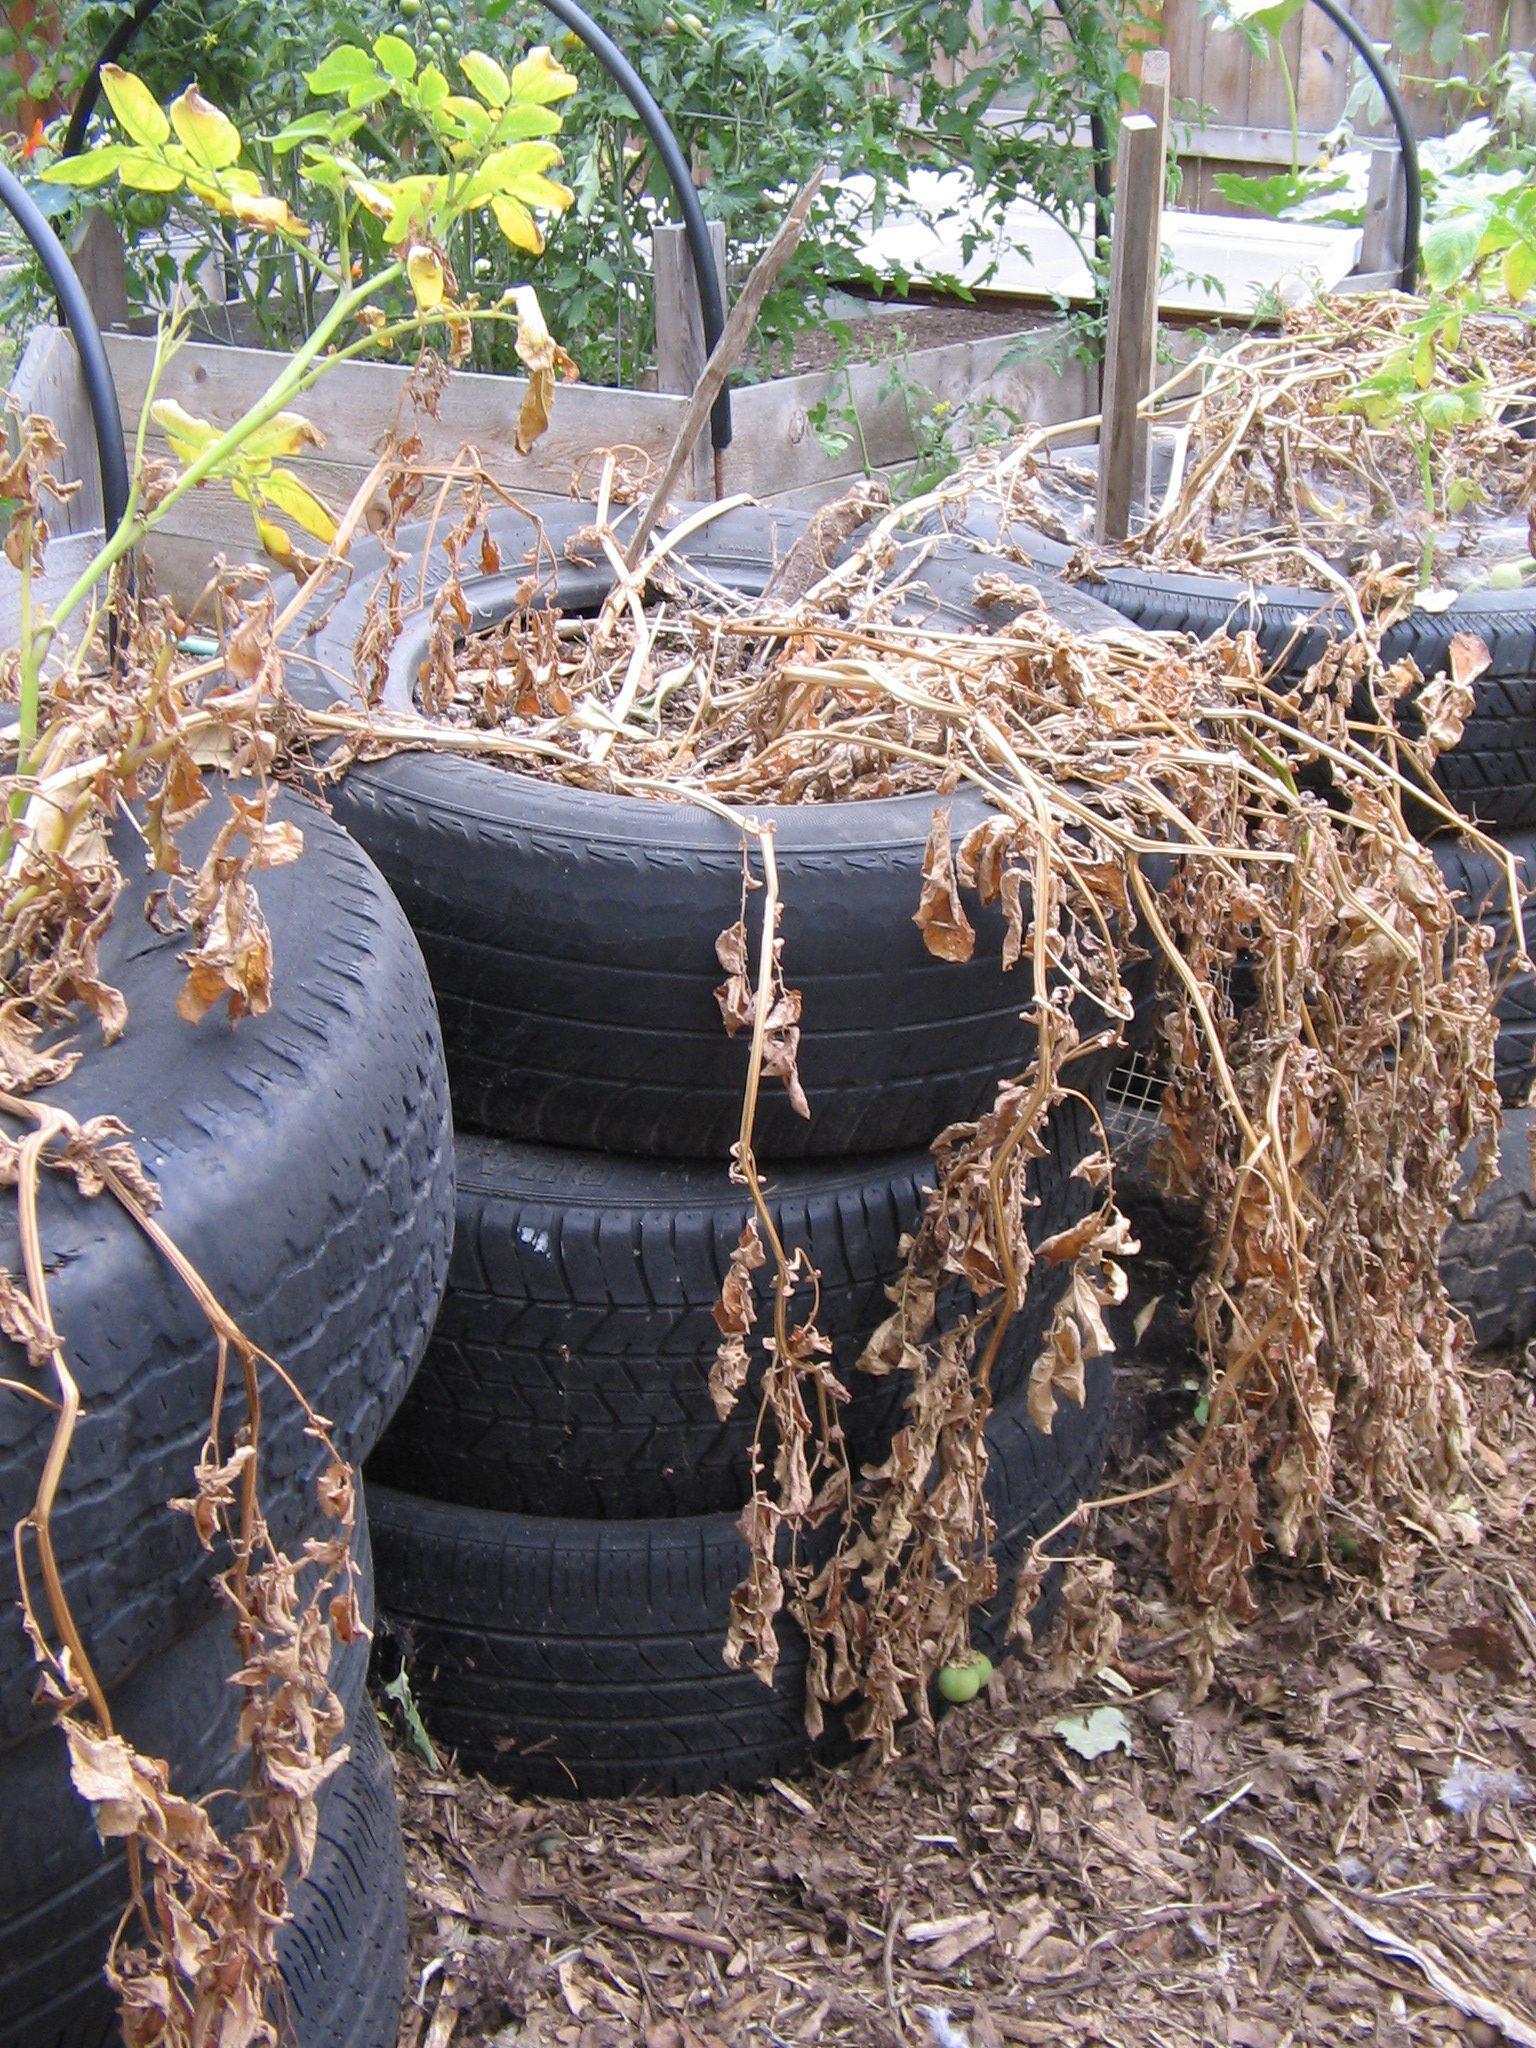 סוף עונת תפוחי האדמה- יש להיזהר מהפירות הרעילים (הפרי הירוק התלוי על הצמח)